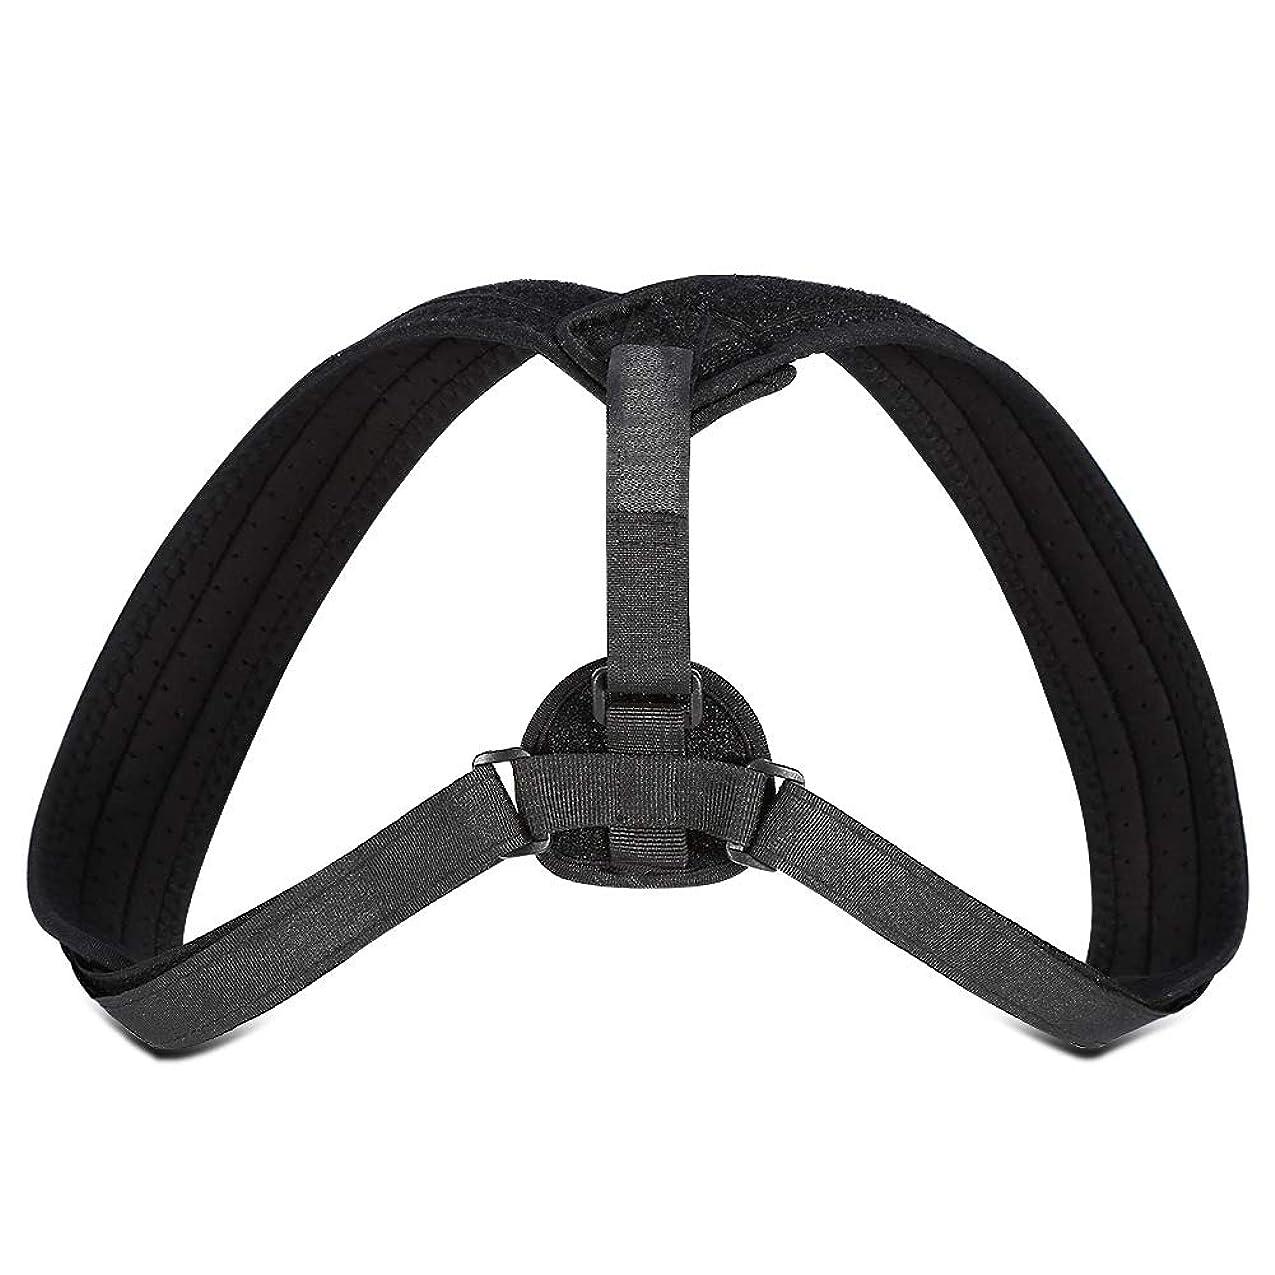 どこ悪い可動式Yosoo Posture Corrector - ブレースアッパーバックネックショルダーサポートアジャスタブルストラップ、肩の体位補正、整形外科用こぶの緩和のための包帯矯正、ティーン用